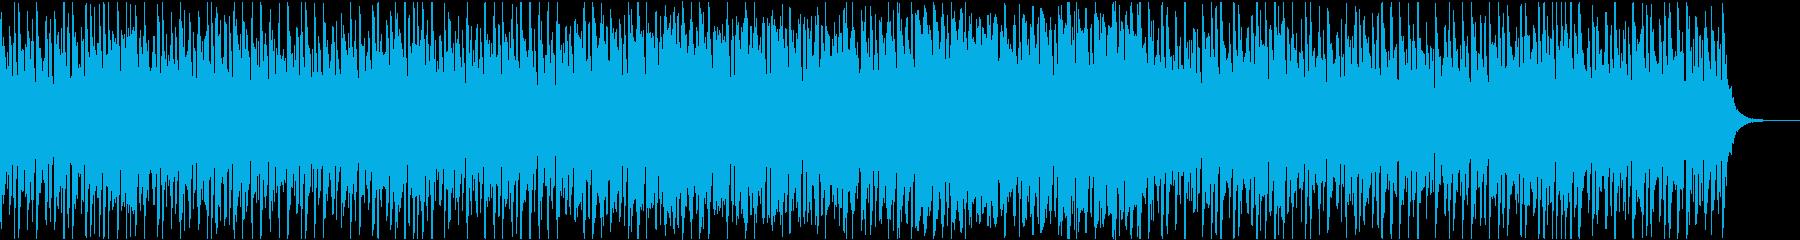 明るく優しい和風曲の再生済みの波形